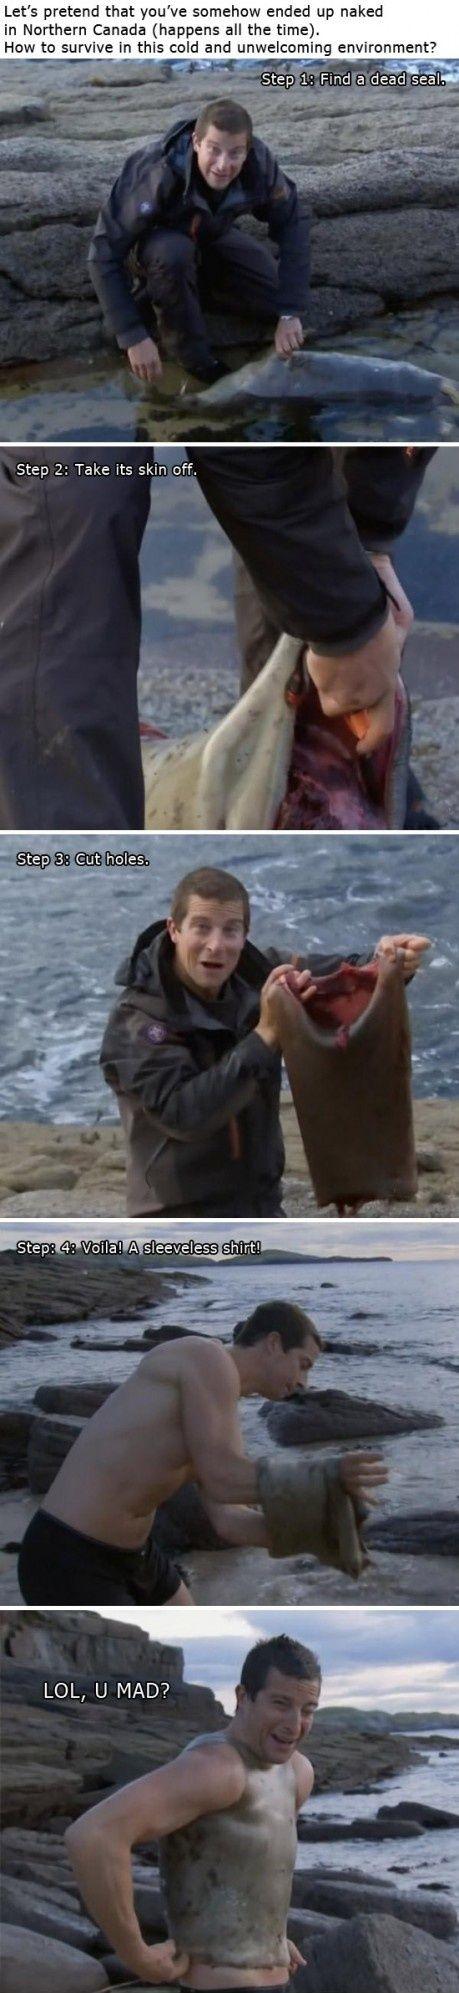 Survival lektion fra Bear Grylls